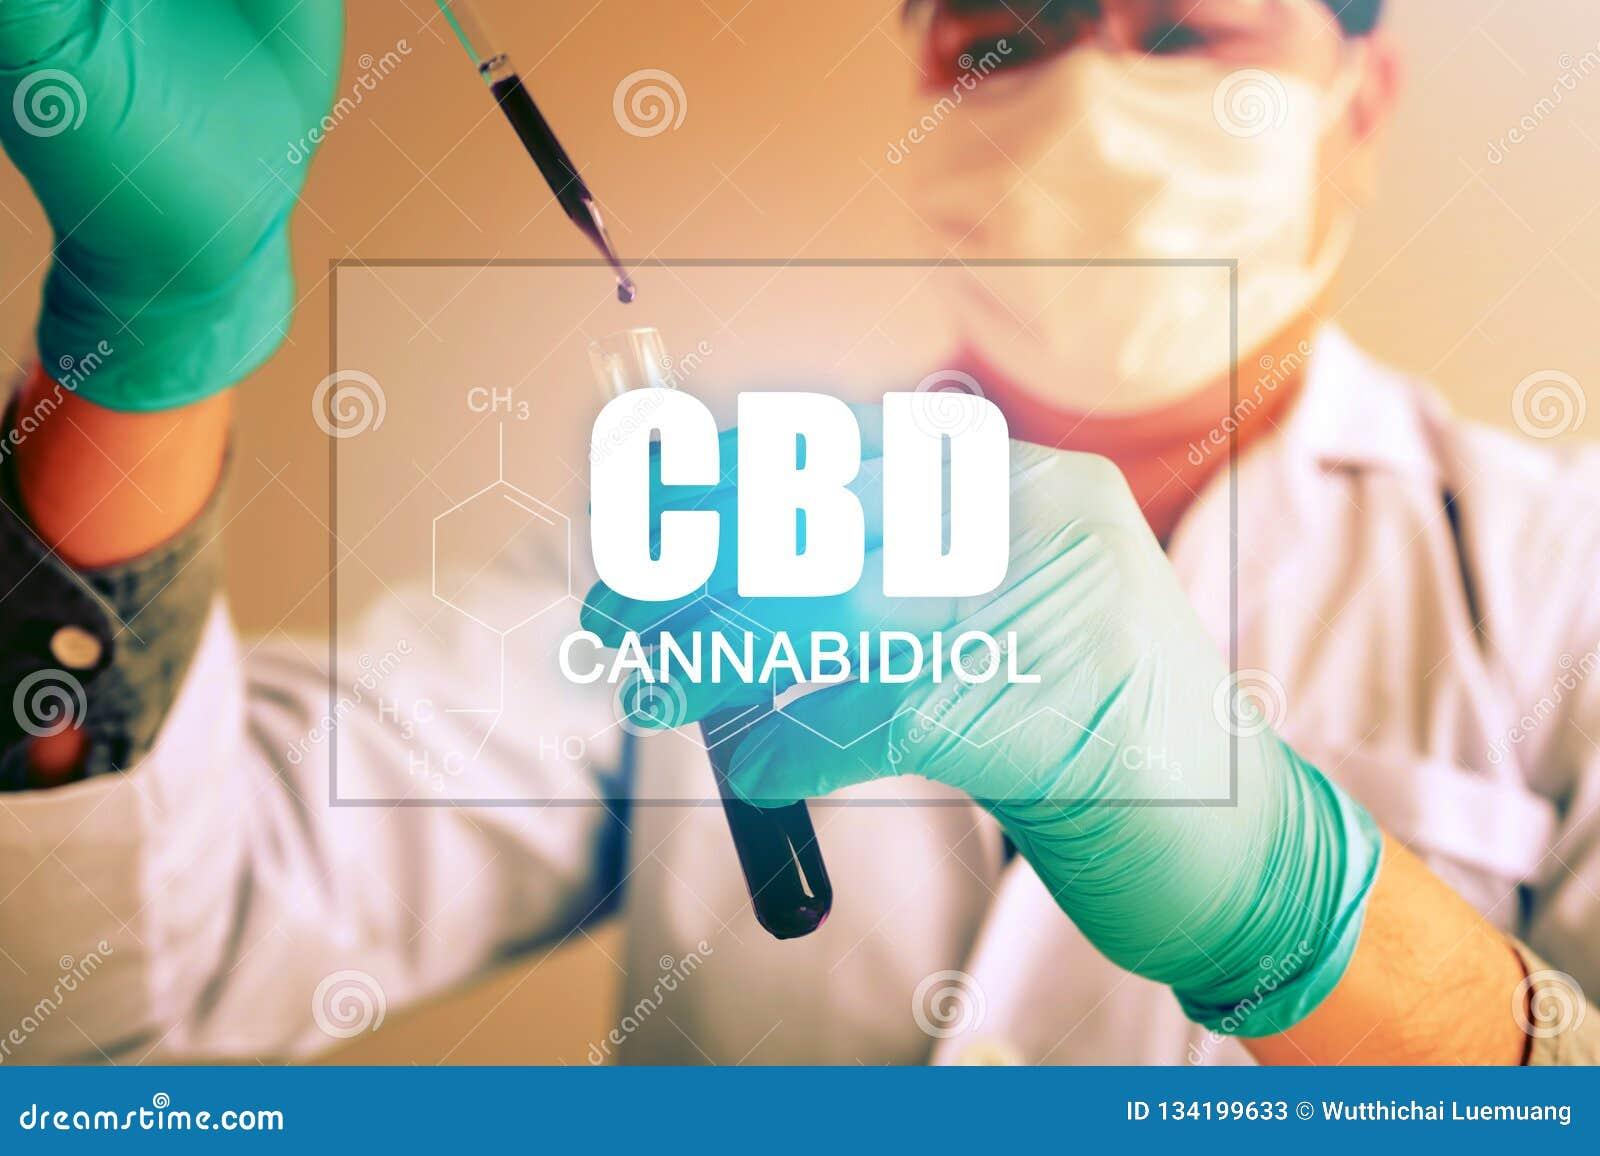 大麻油,CBD概念,化学家通过综合与使用吸管的化合物做试验在试管